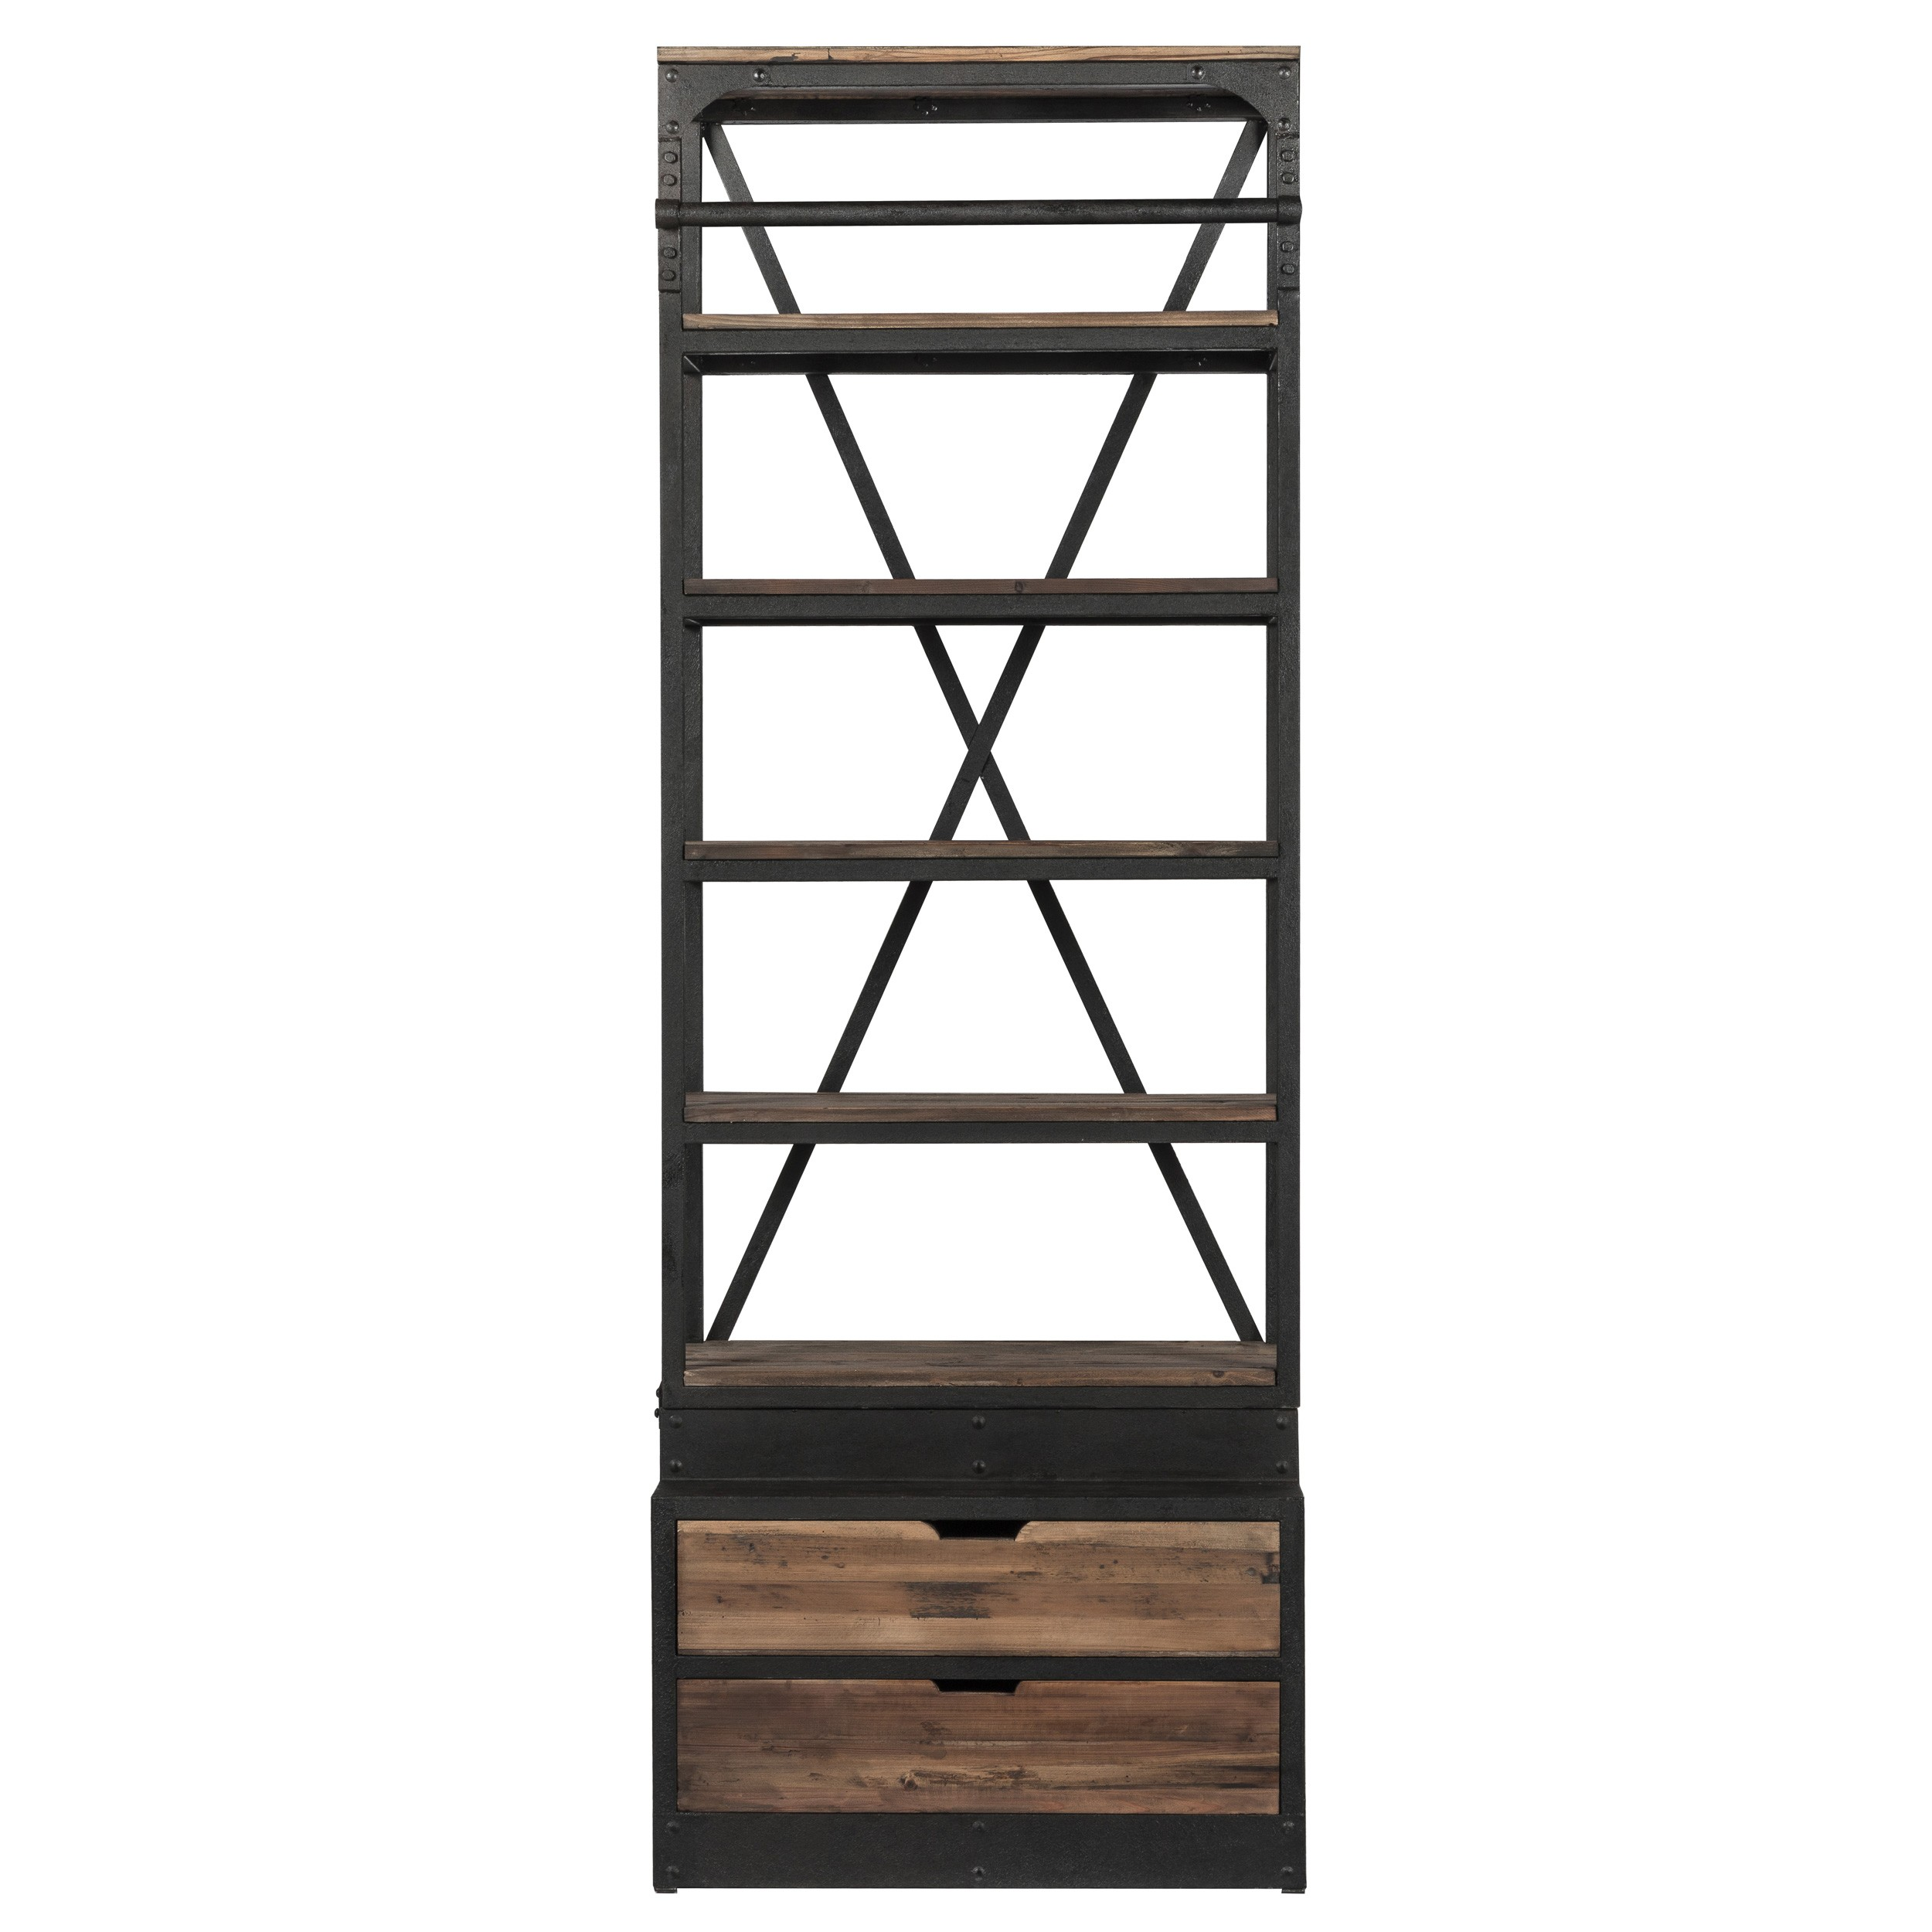 biblioth que kasi 86 cm avec chelle d couvrez nos biblioth ques kasi 86 cm avec chelle rdv d co. Black Bedroom Furniture Sets. Home Design Ideas